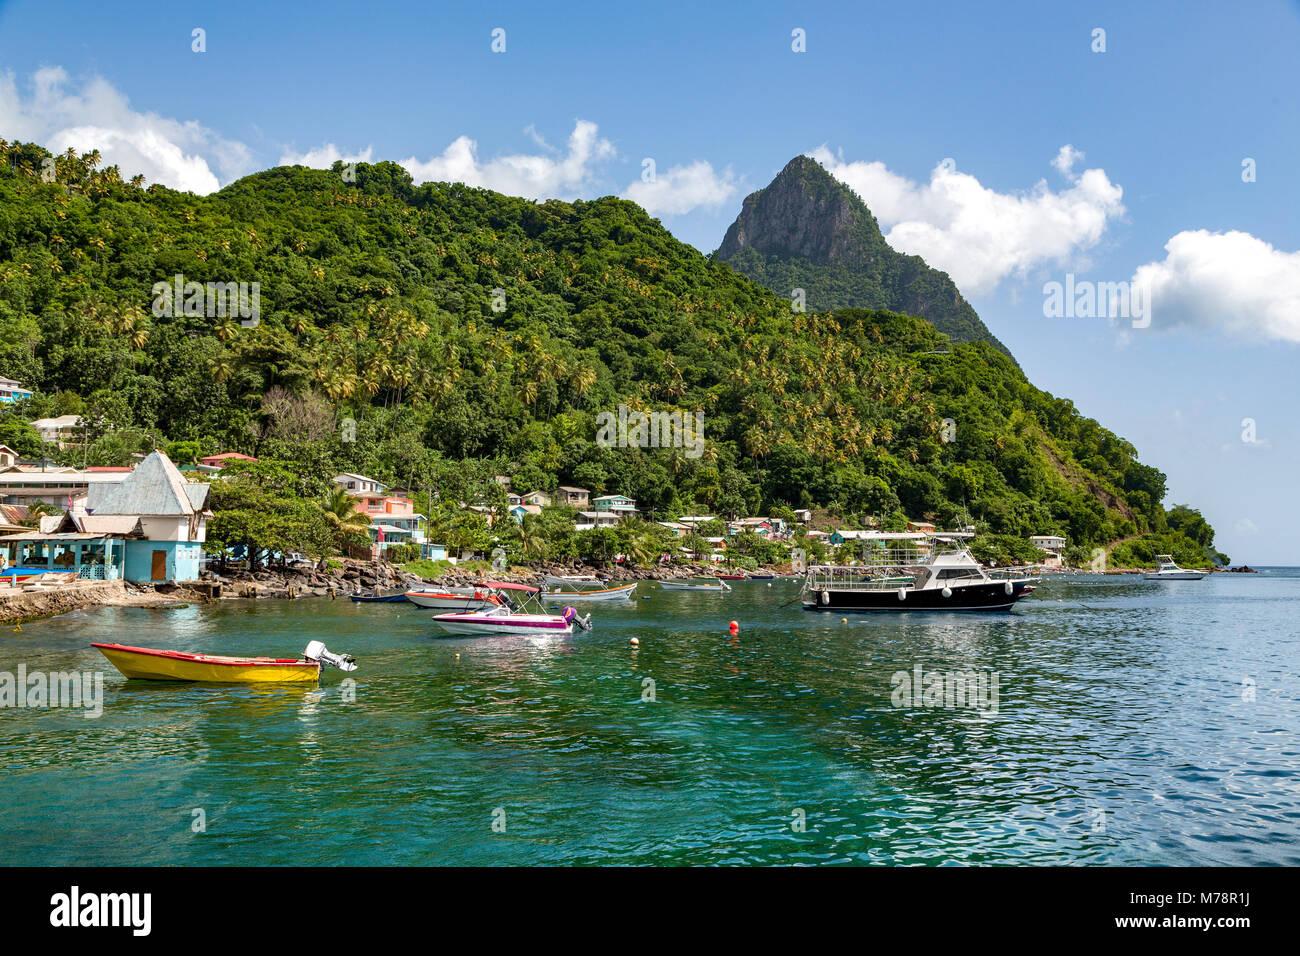 Petit Piton von Soufriere, St. Lucia, Windward Islands, West Indies Karibik, Mittelamerika Stockbild